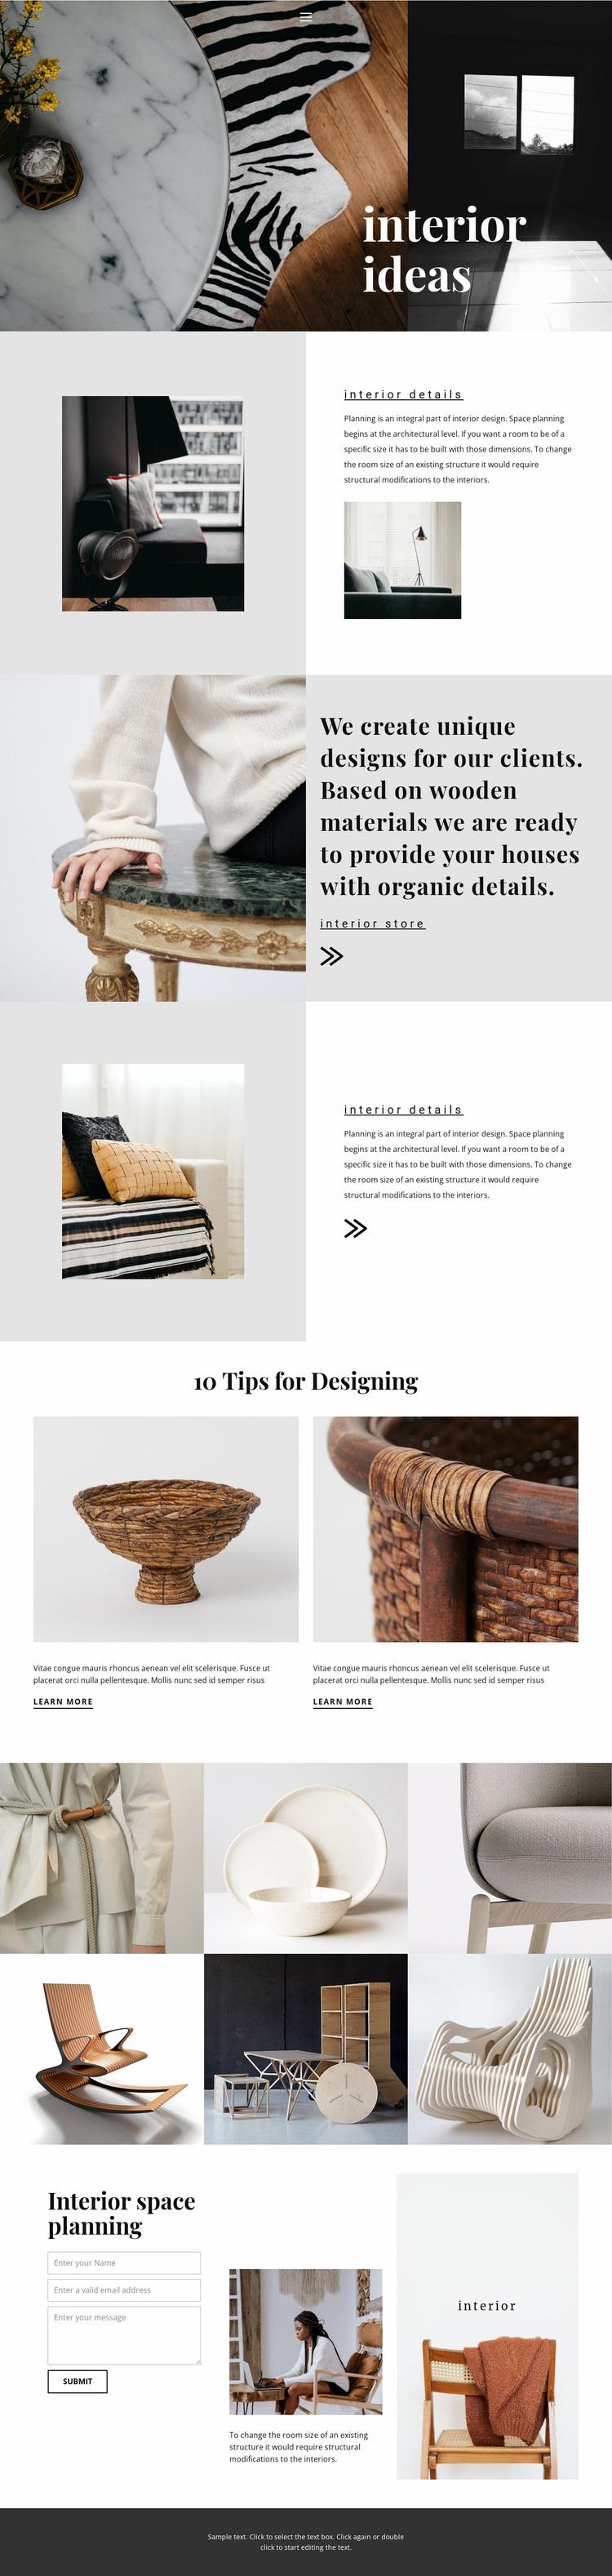 New interior ideas Website Design